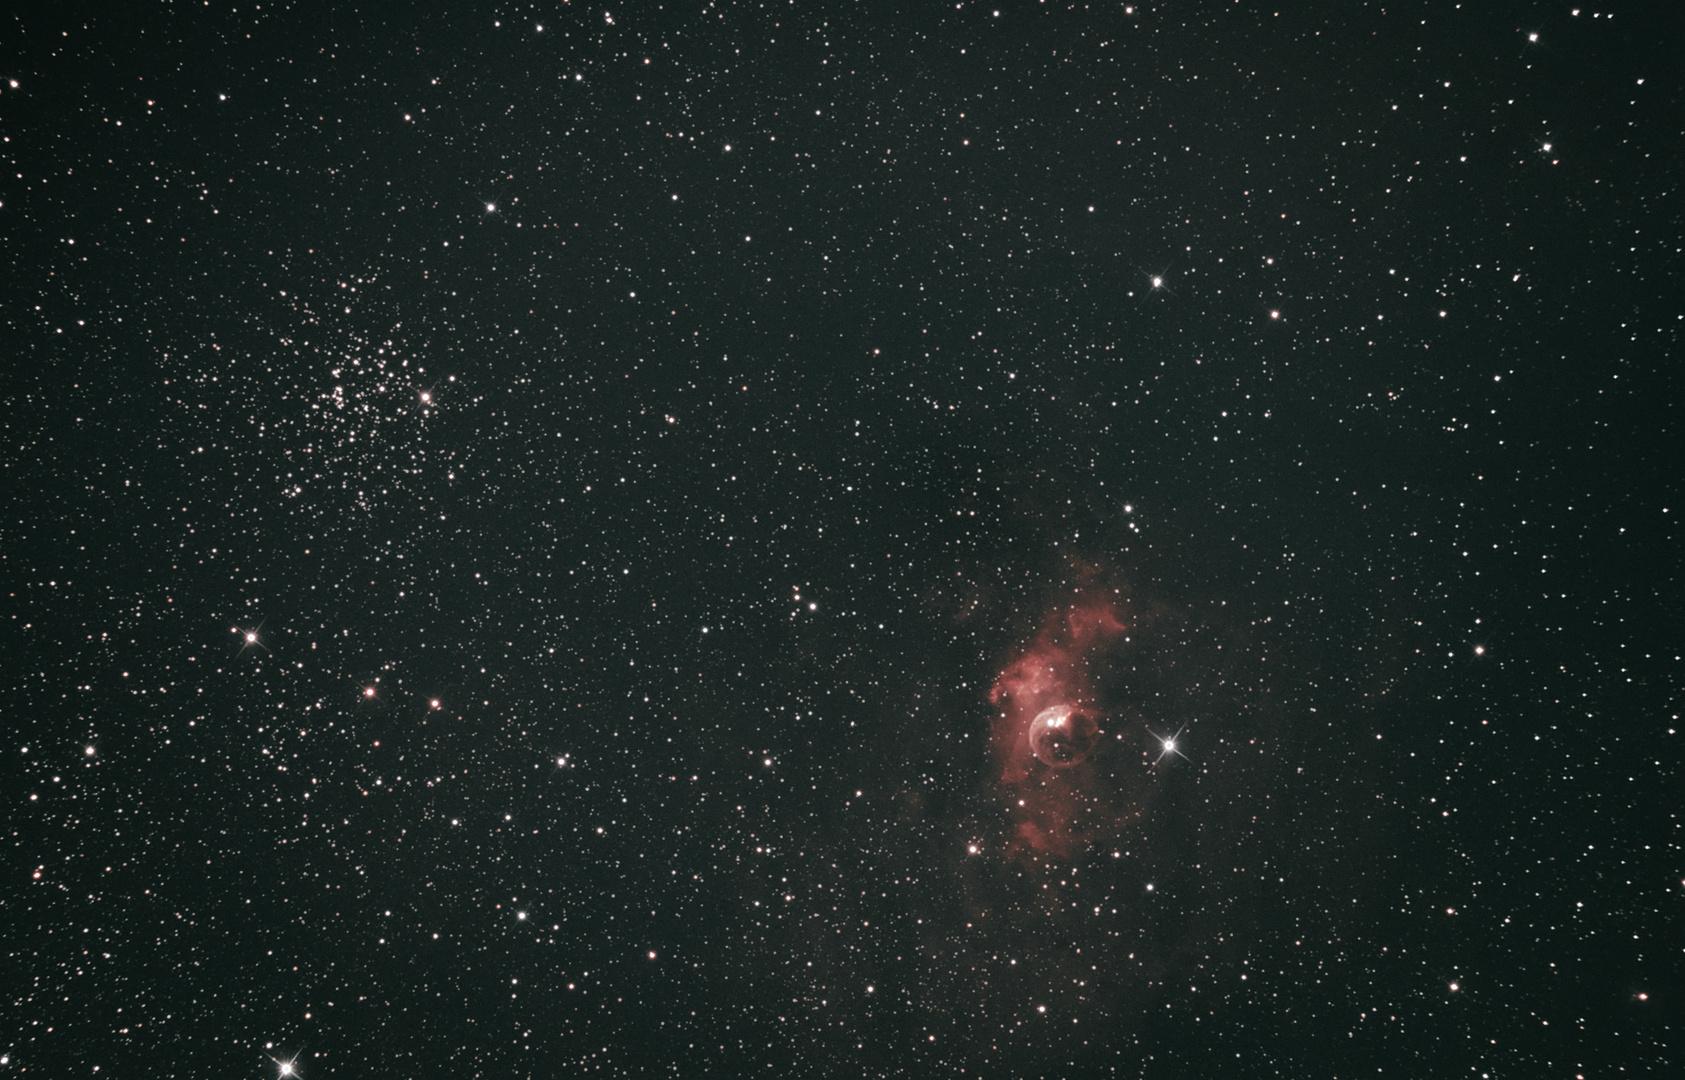 Blasen Nebel und Salz+Pfeffer Sternhaufen